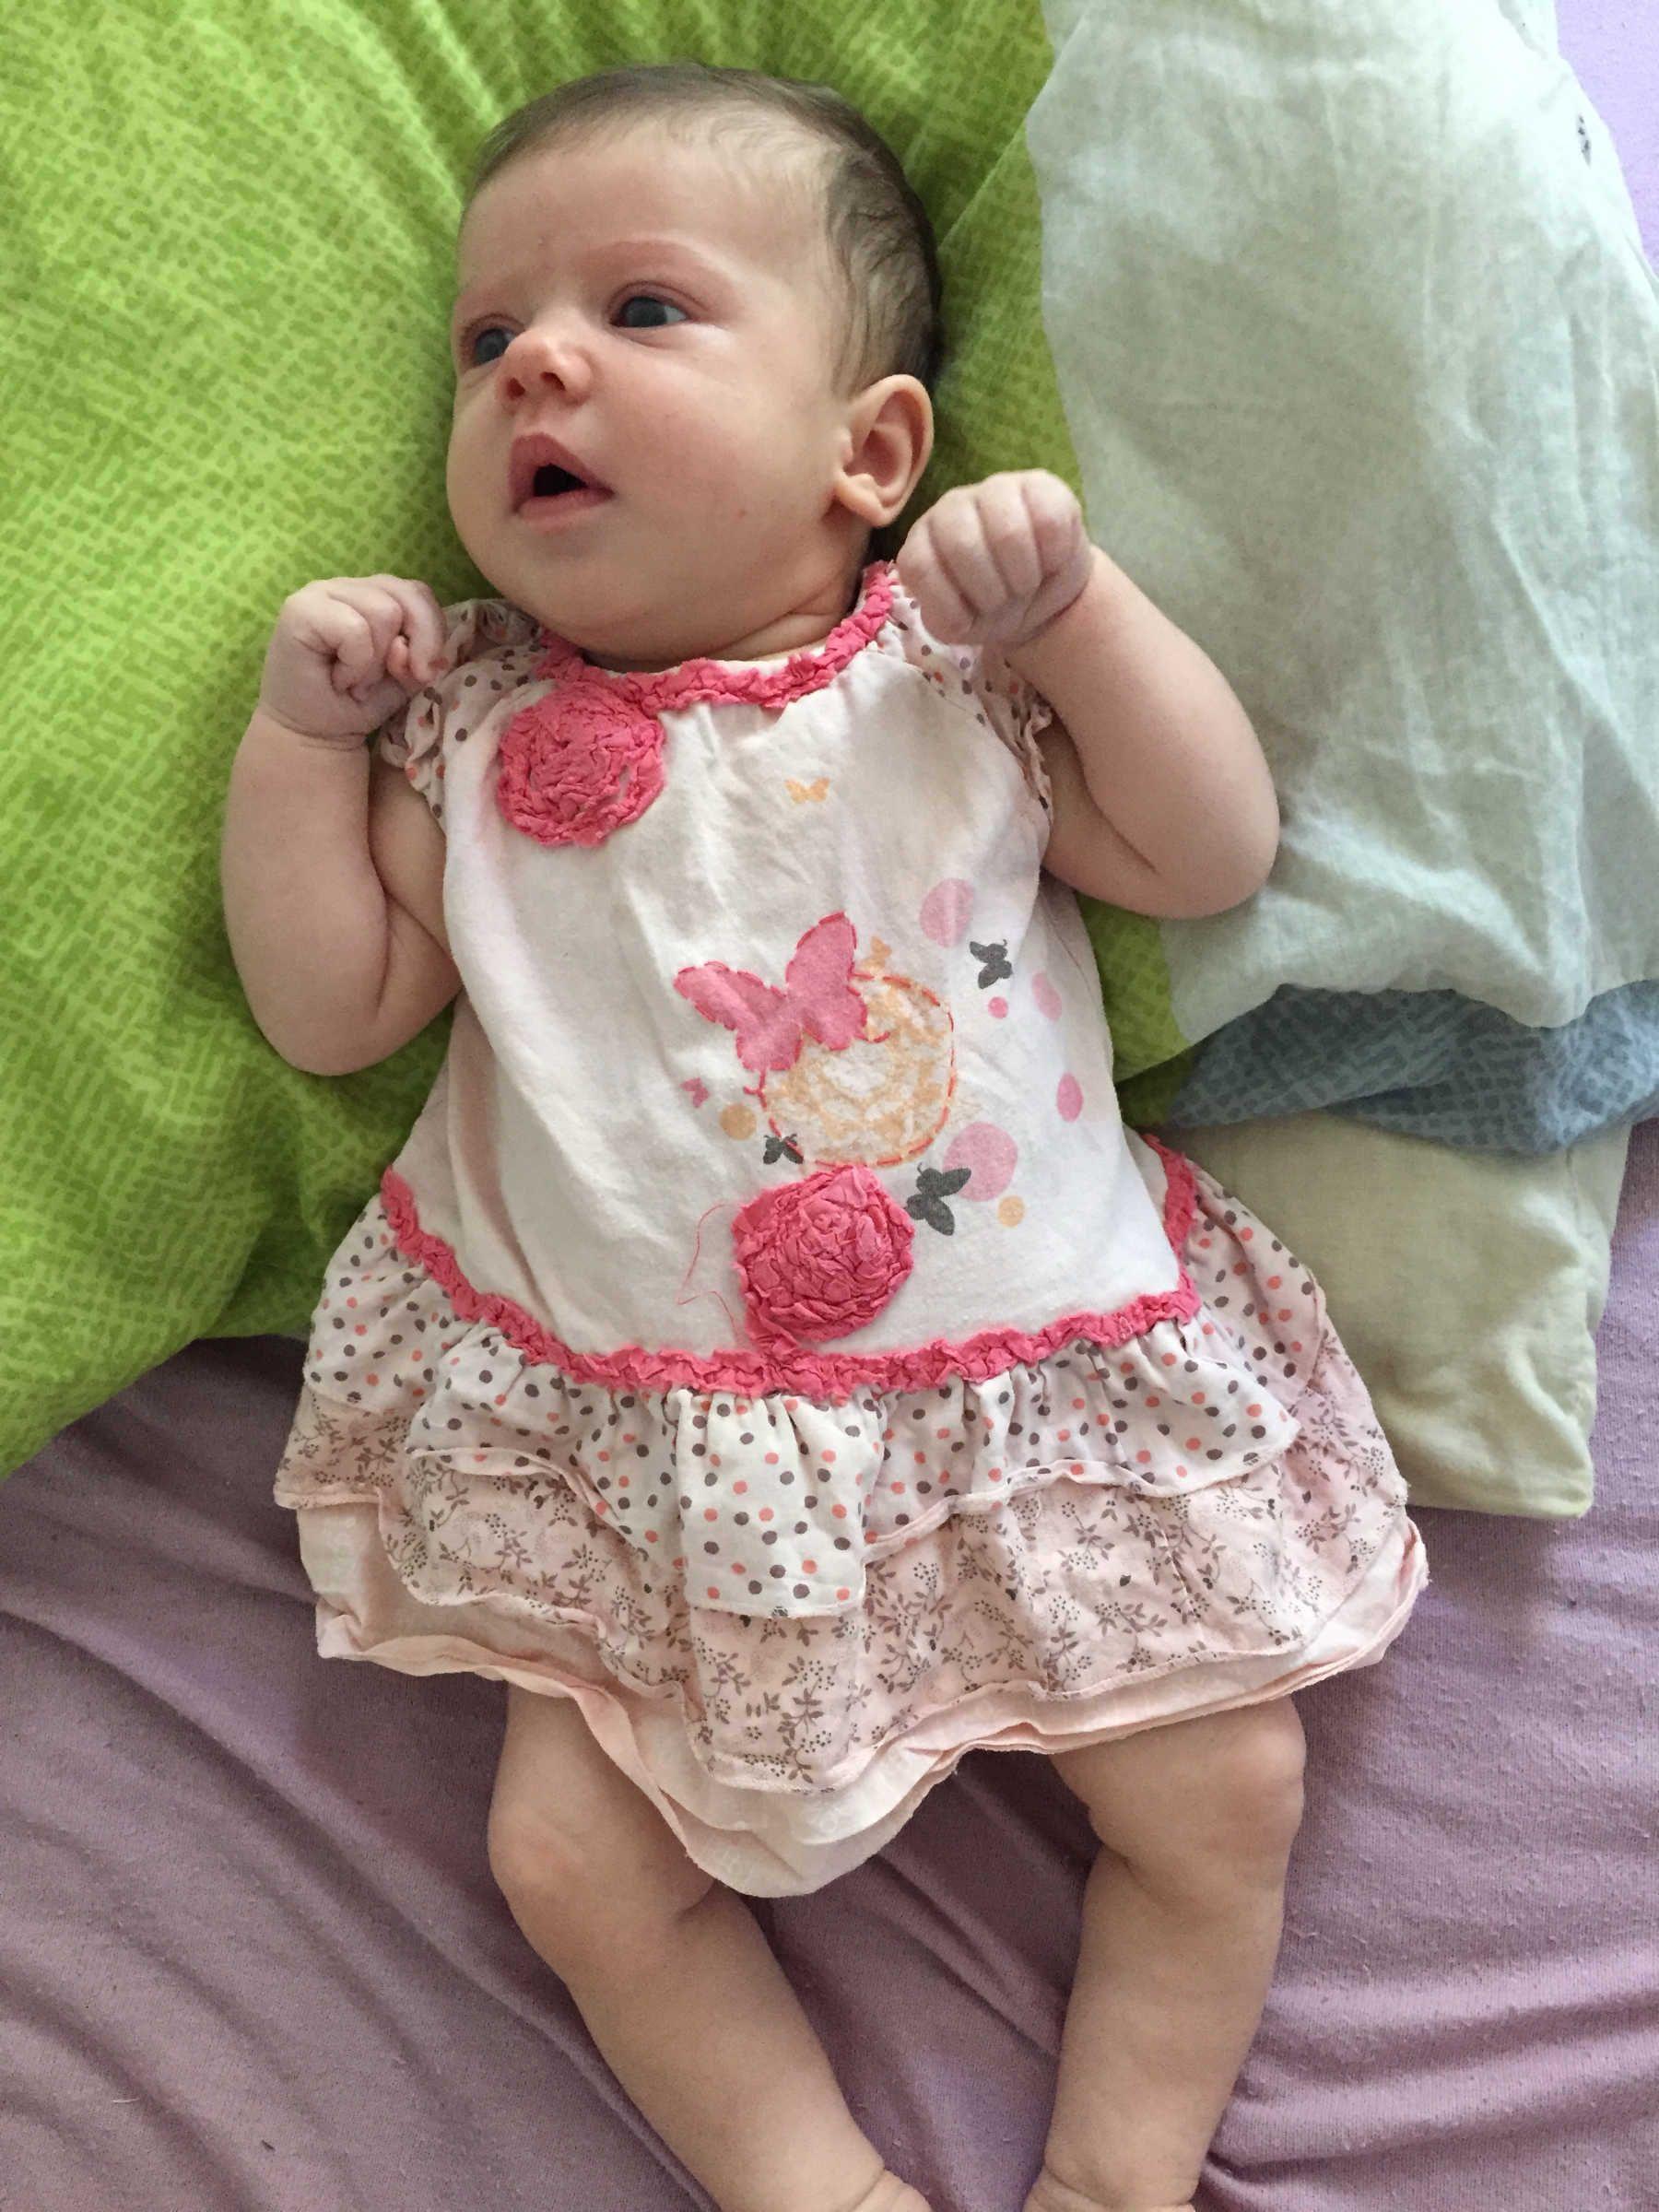 Baby update : 2 months